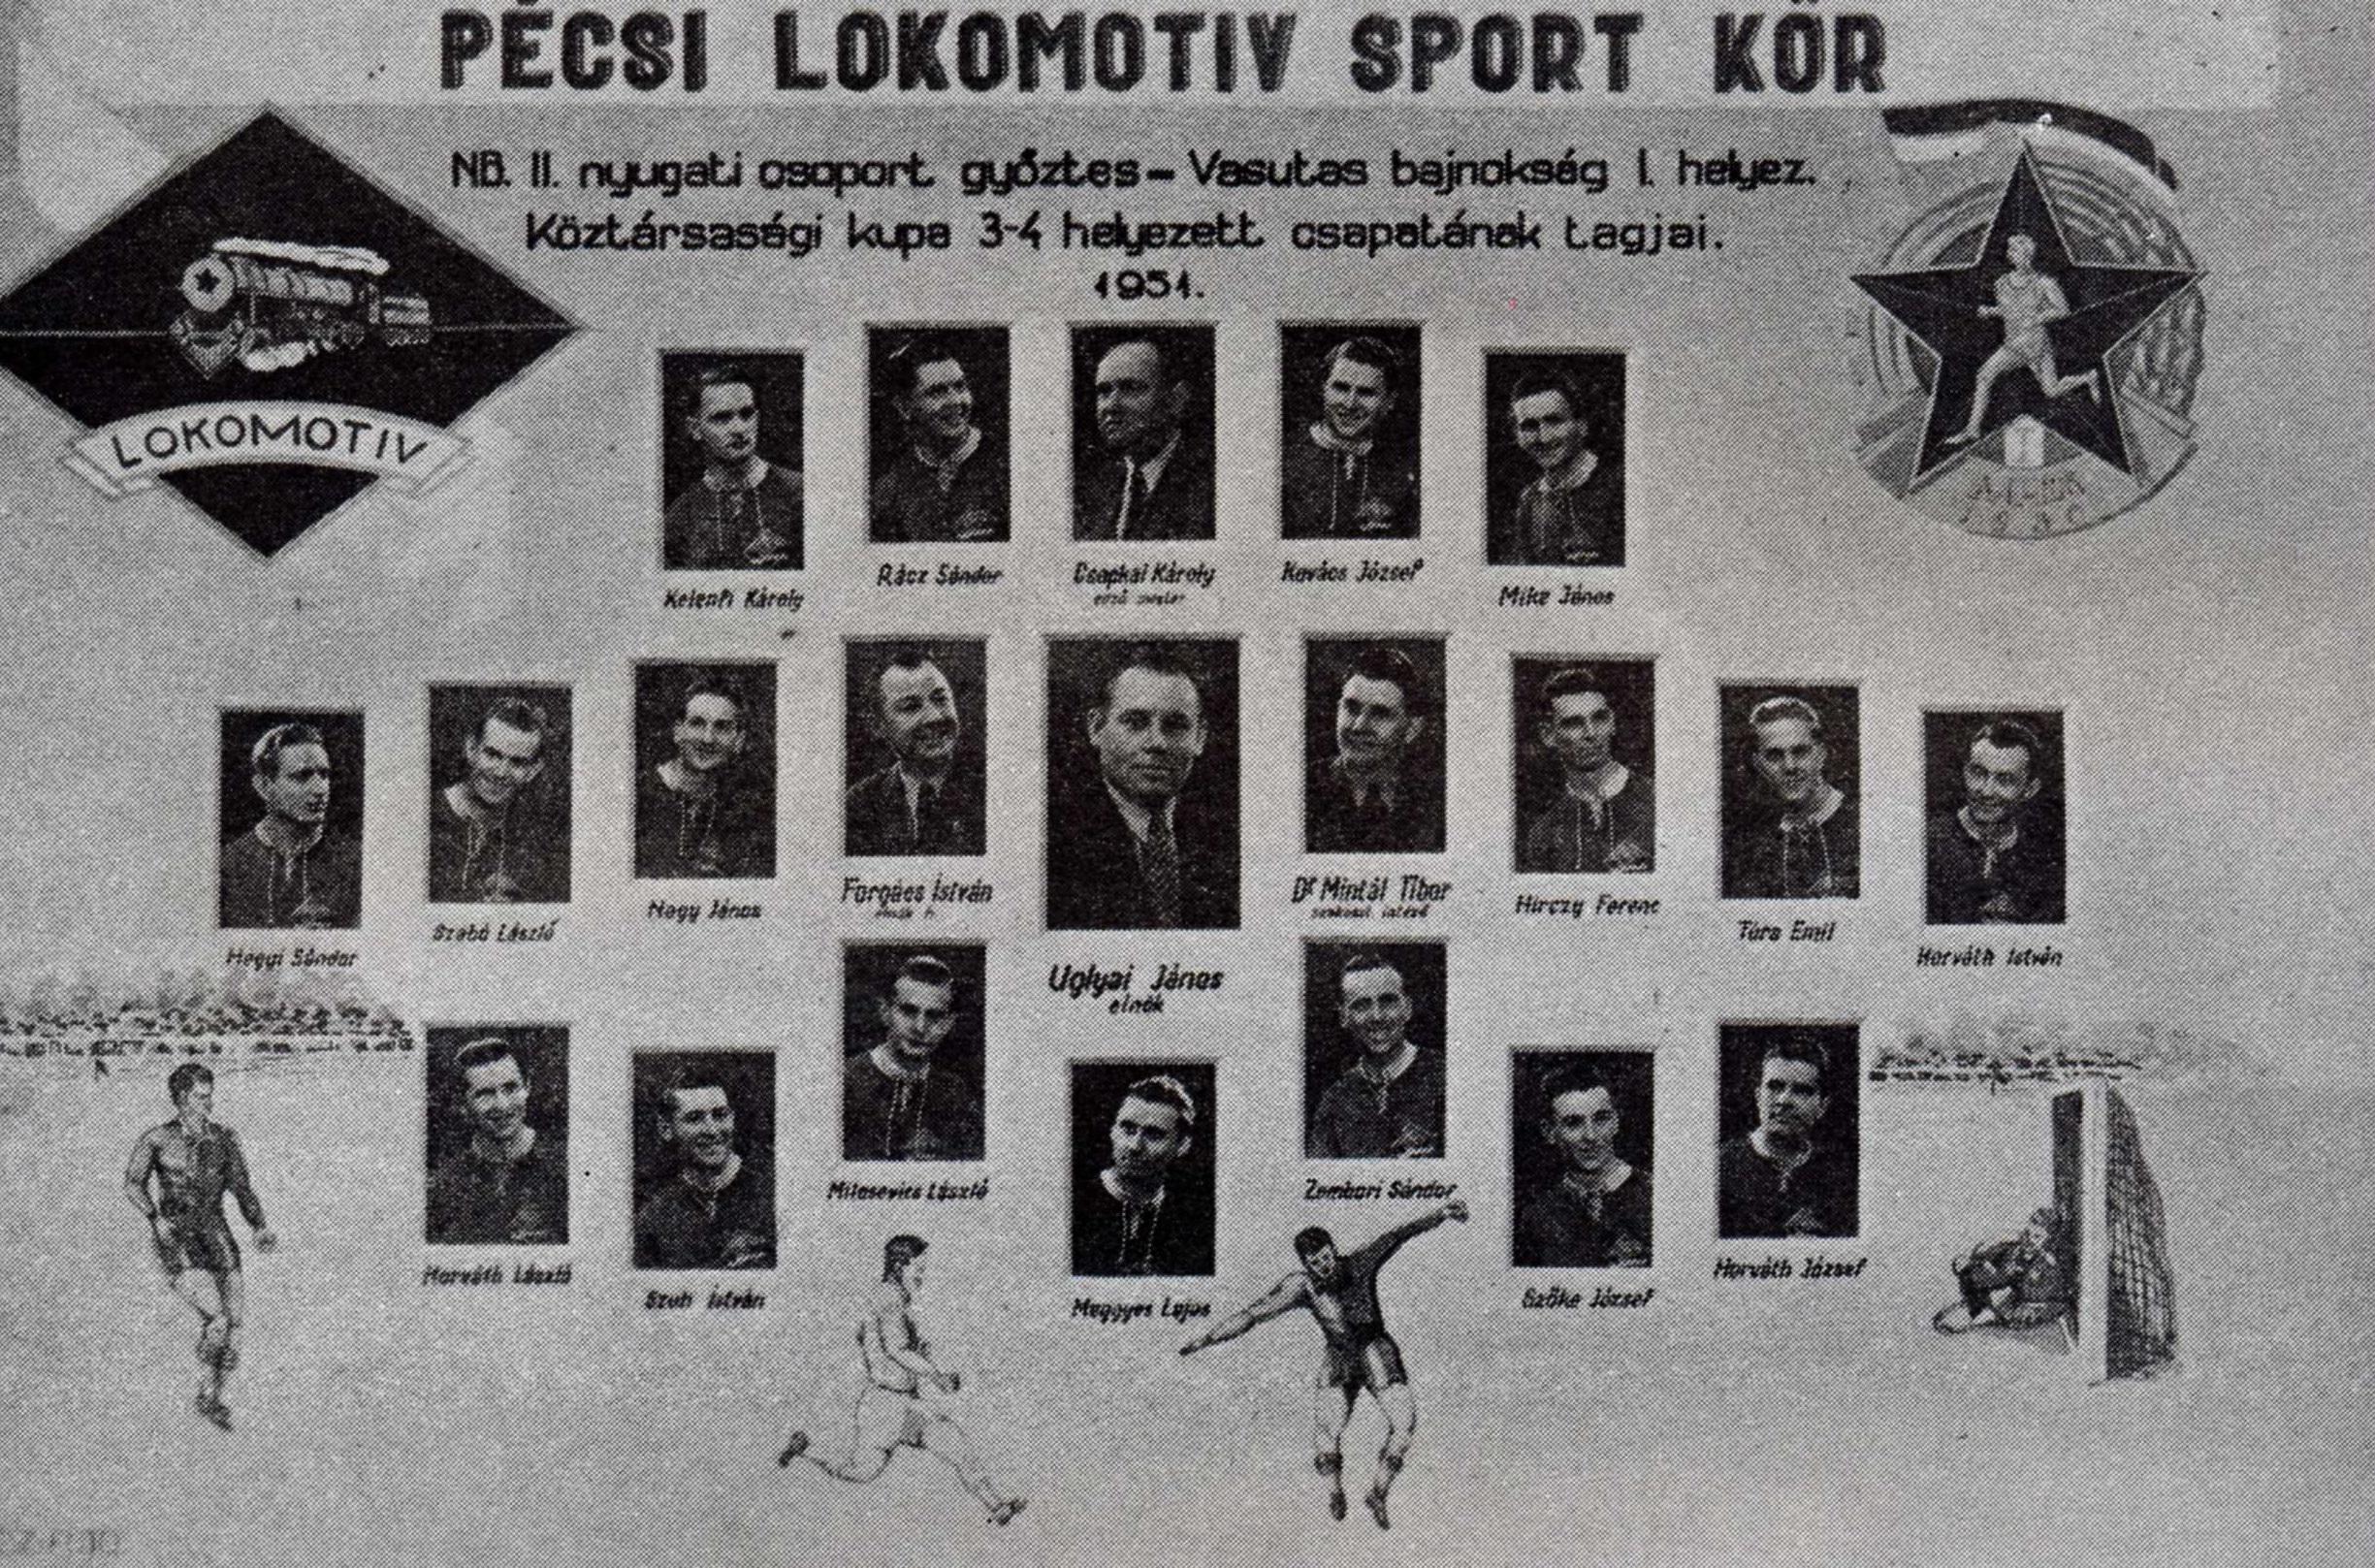 PVSK_1951.jpg